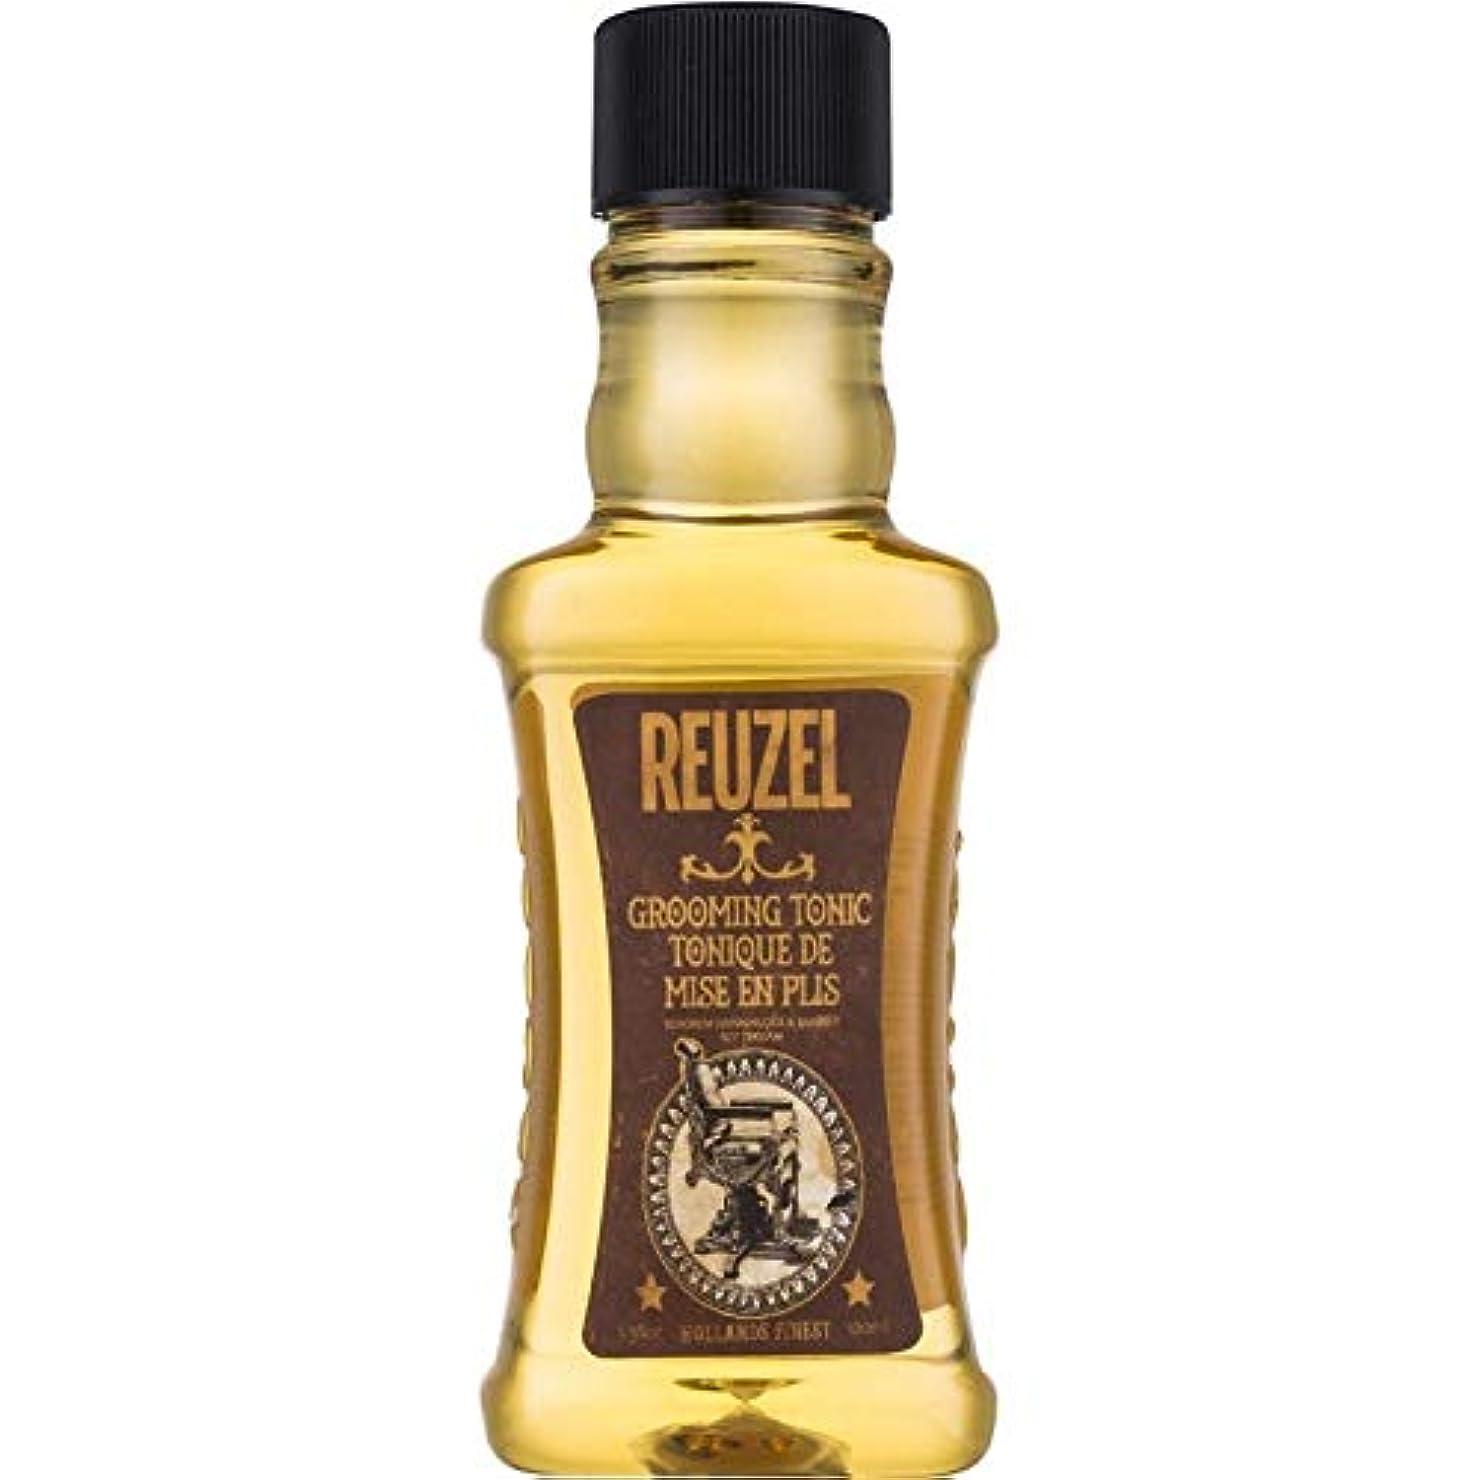 知恵副電気ルーゾー グルーミング トニック Reuzel Grooming Tonic 100 ml [並行輸入品]